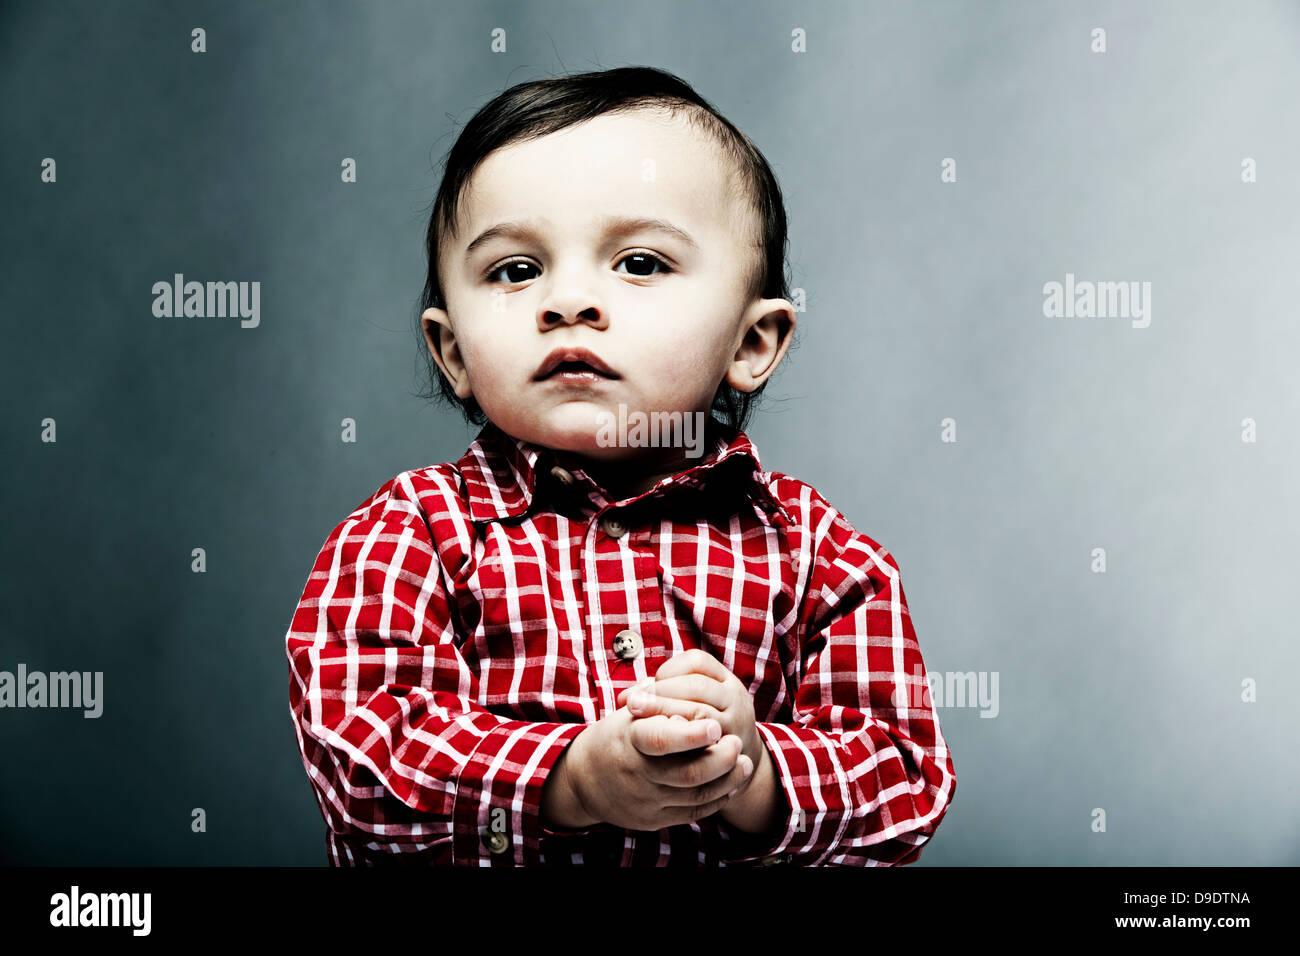 Ritratto di baby boy indossando maglietta controllati Immagini Stock